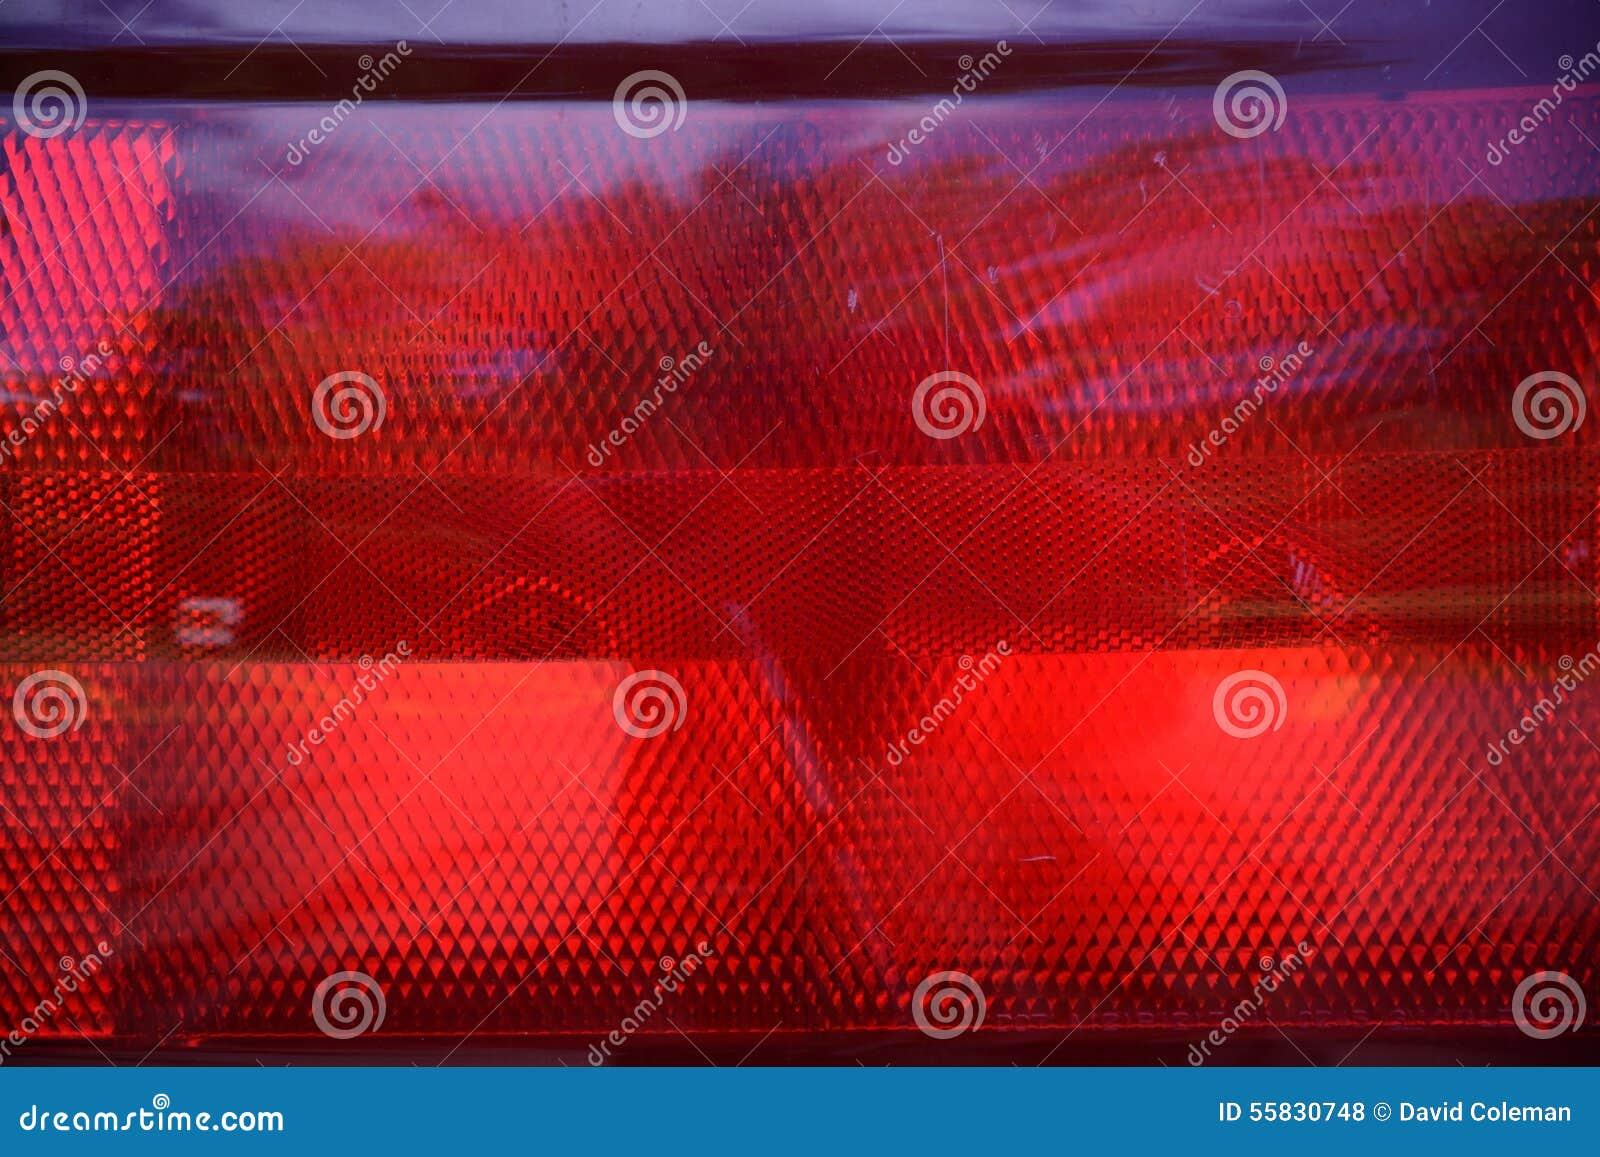 Brake light lens stock photo. Image of texture, backgrounds - 55830748 for Brake Light Texture  111bof